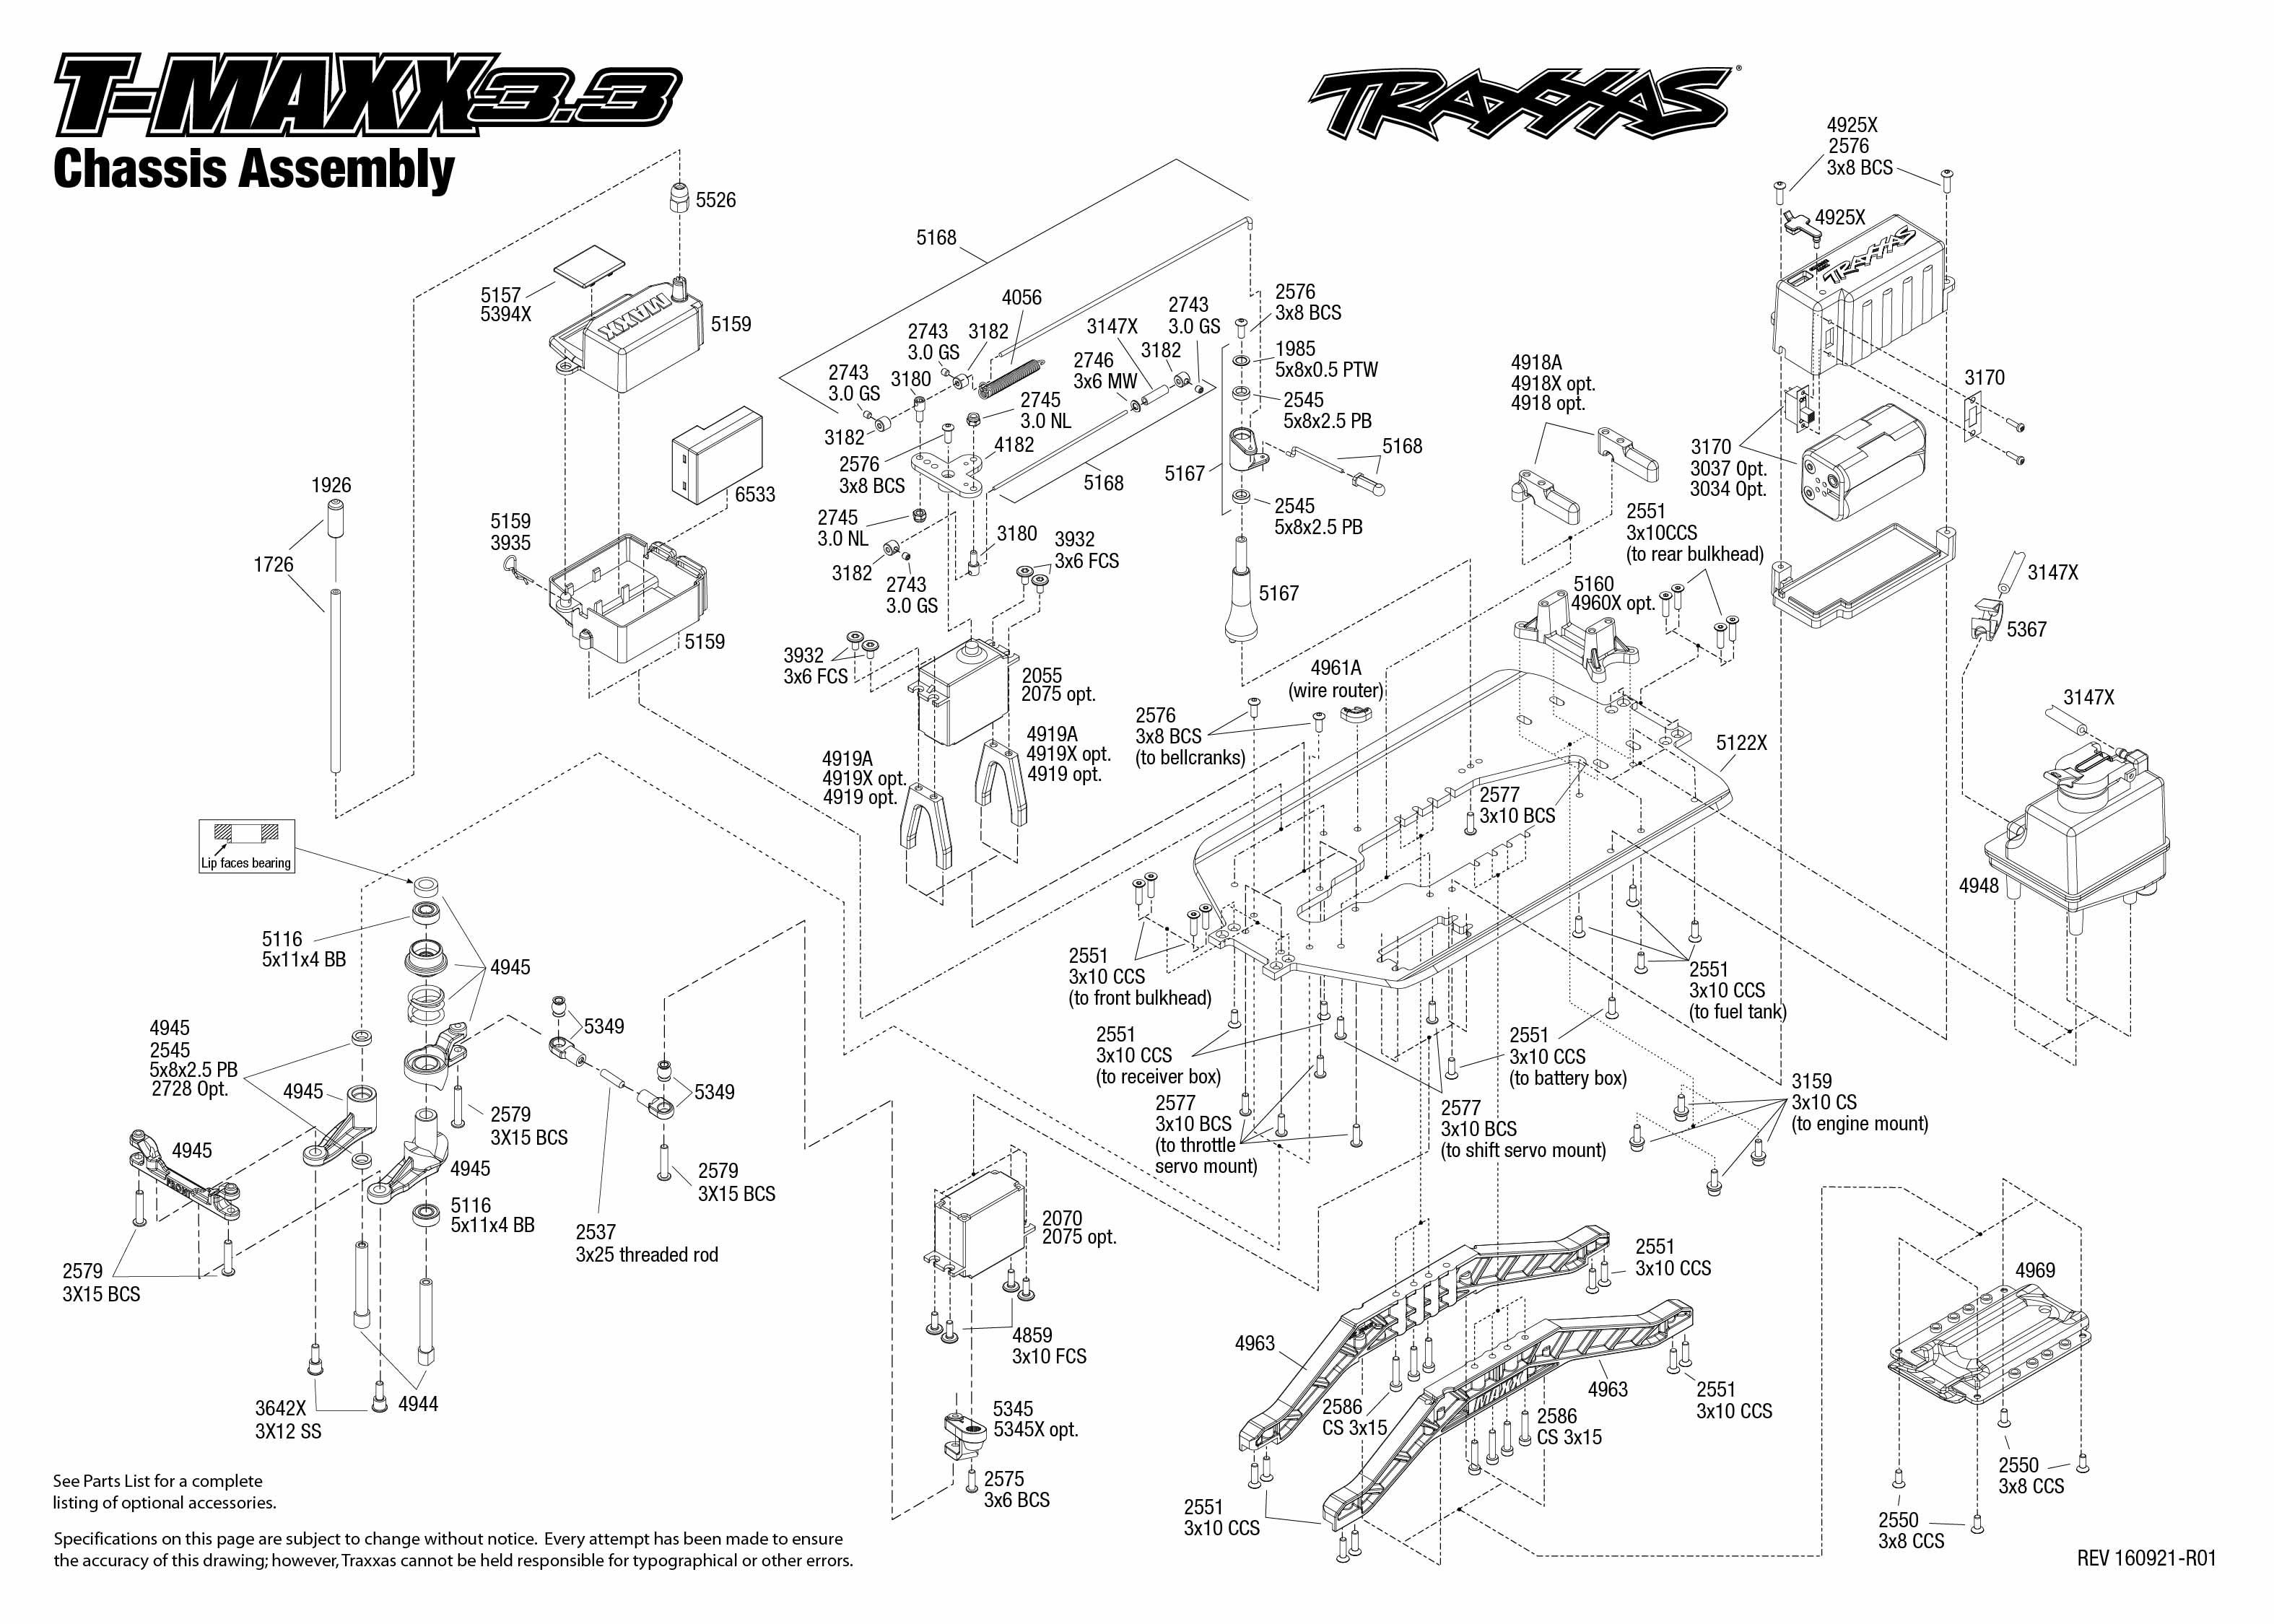 t maxx 33 manual daily instruction manual guides u2022 rh testingwordpress co T-Maxx 2 5 Adjustments Traxxas T-Maxx 2.5 Diagram